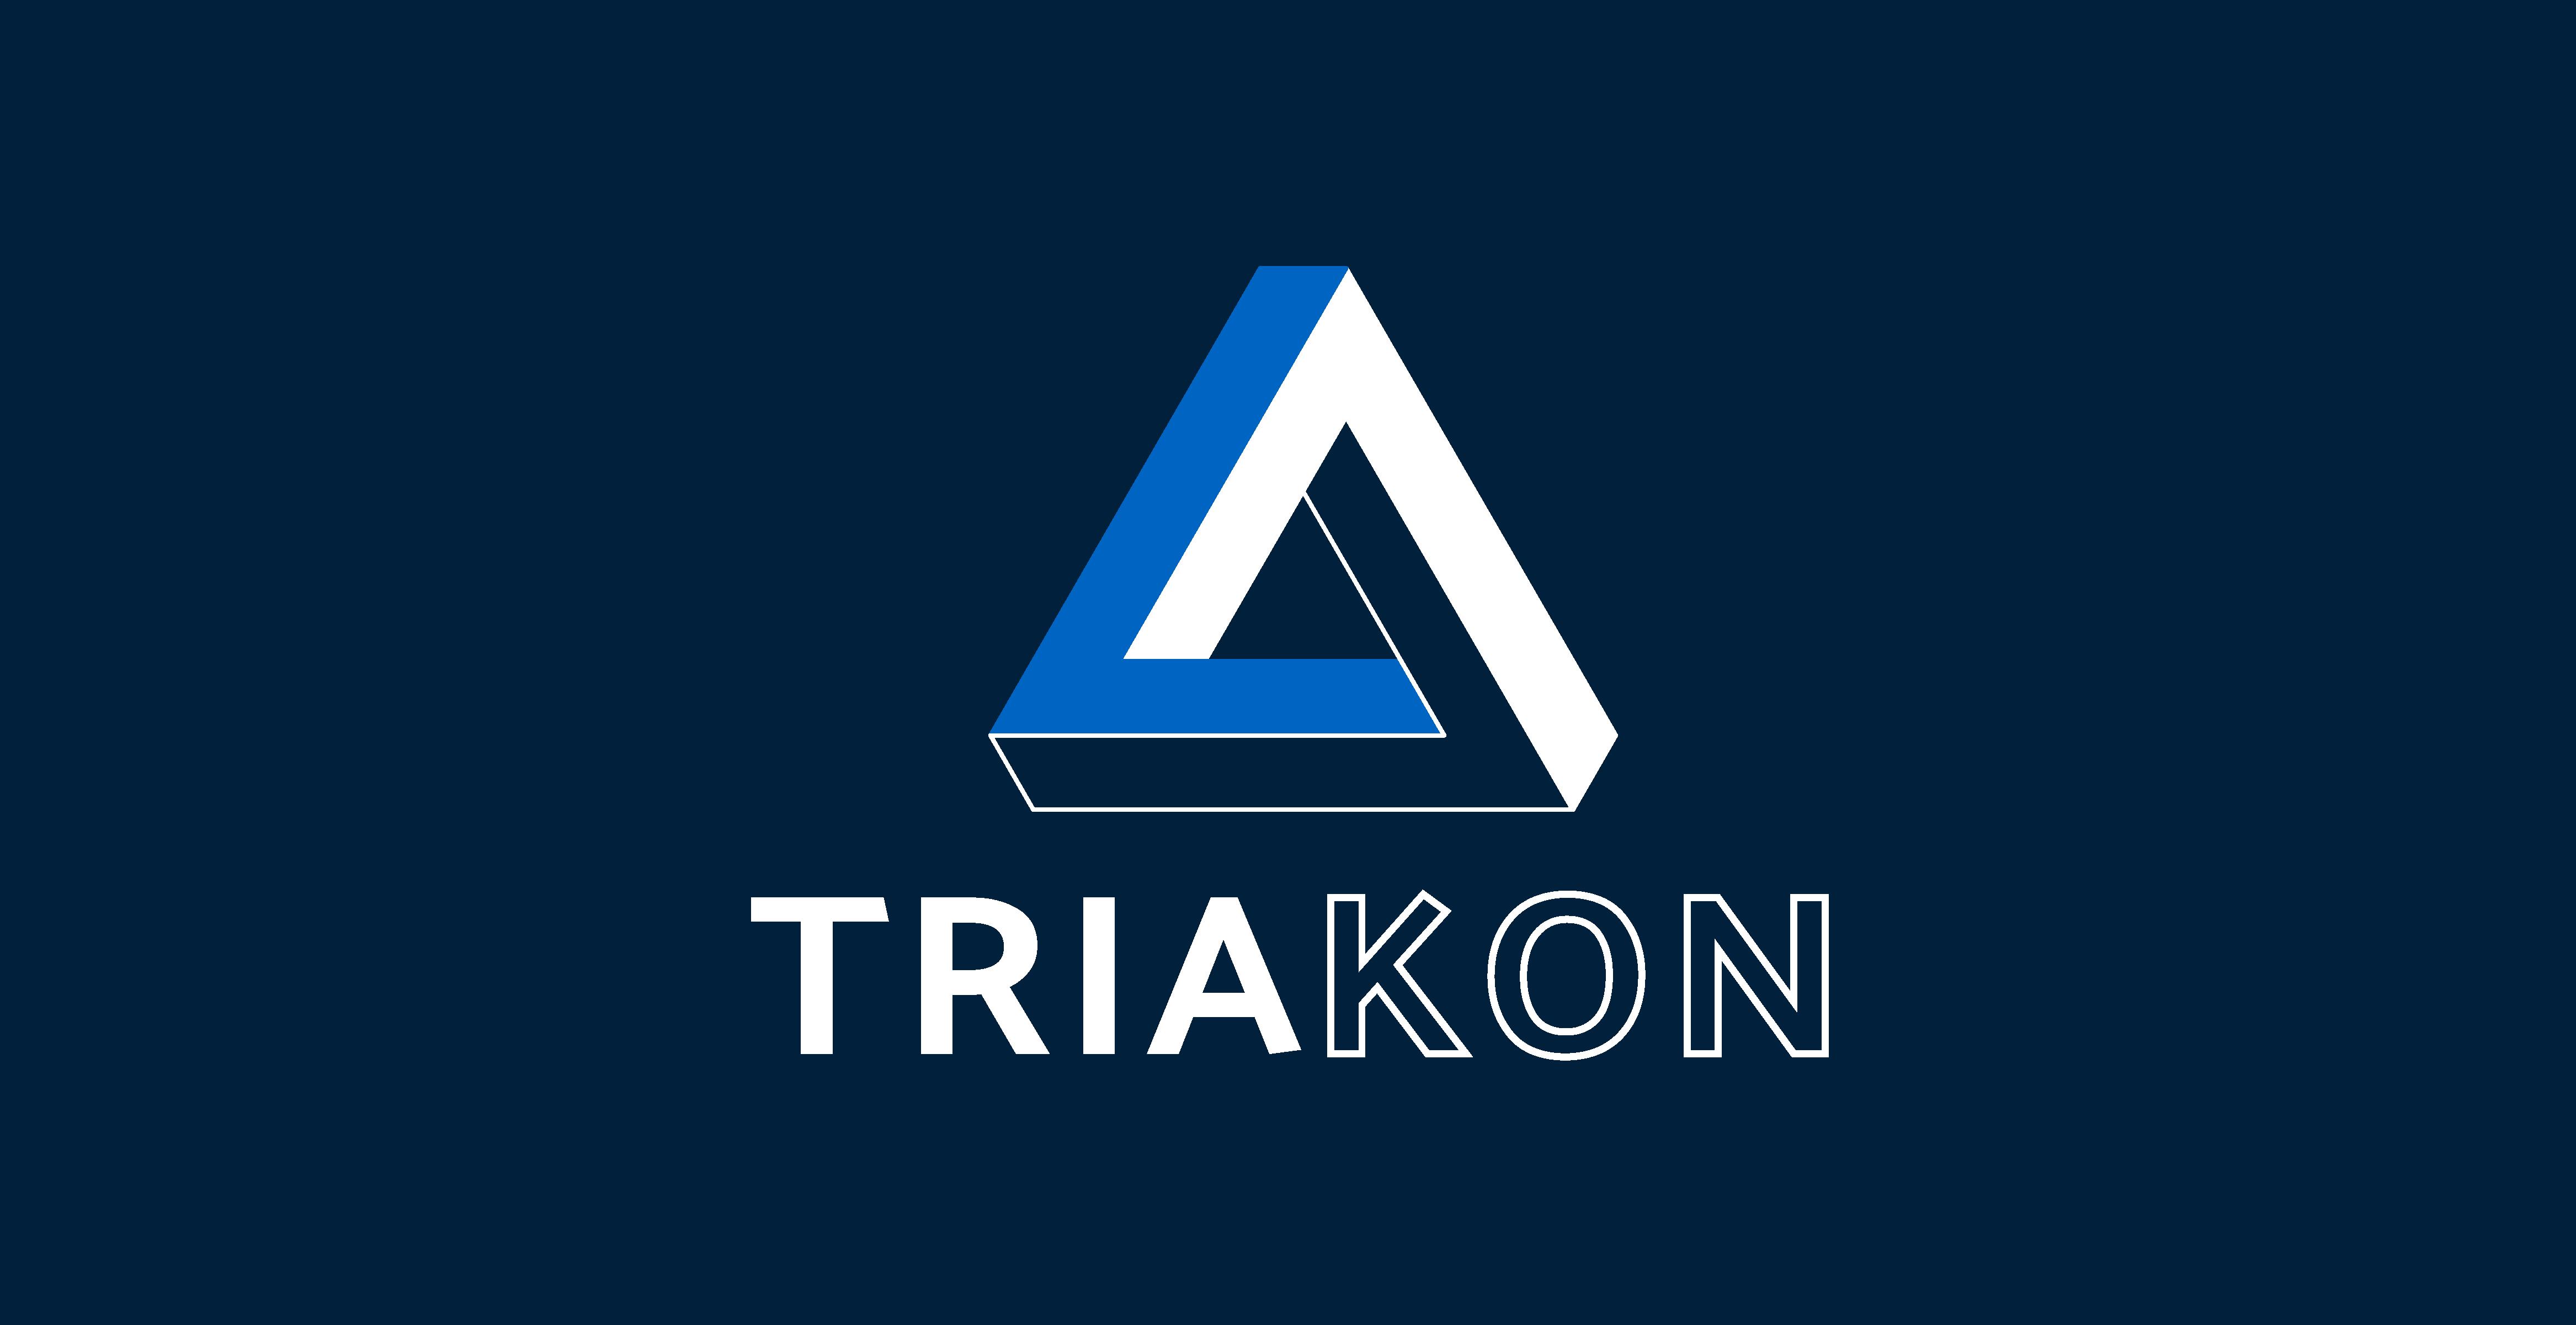 Triakon